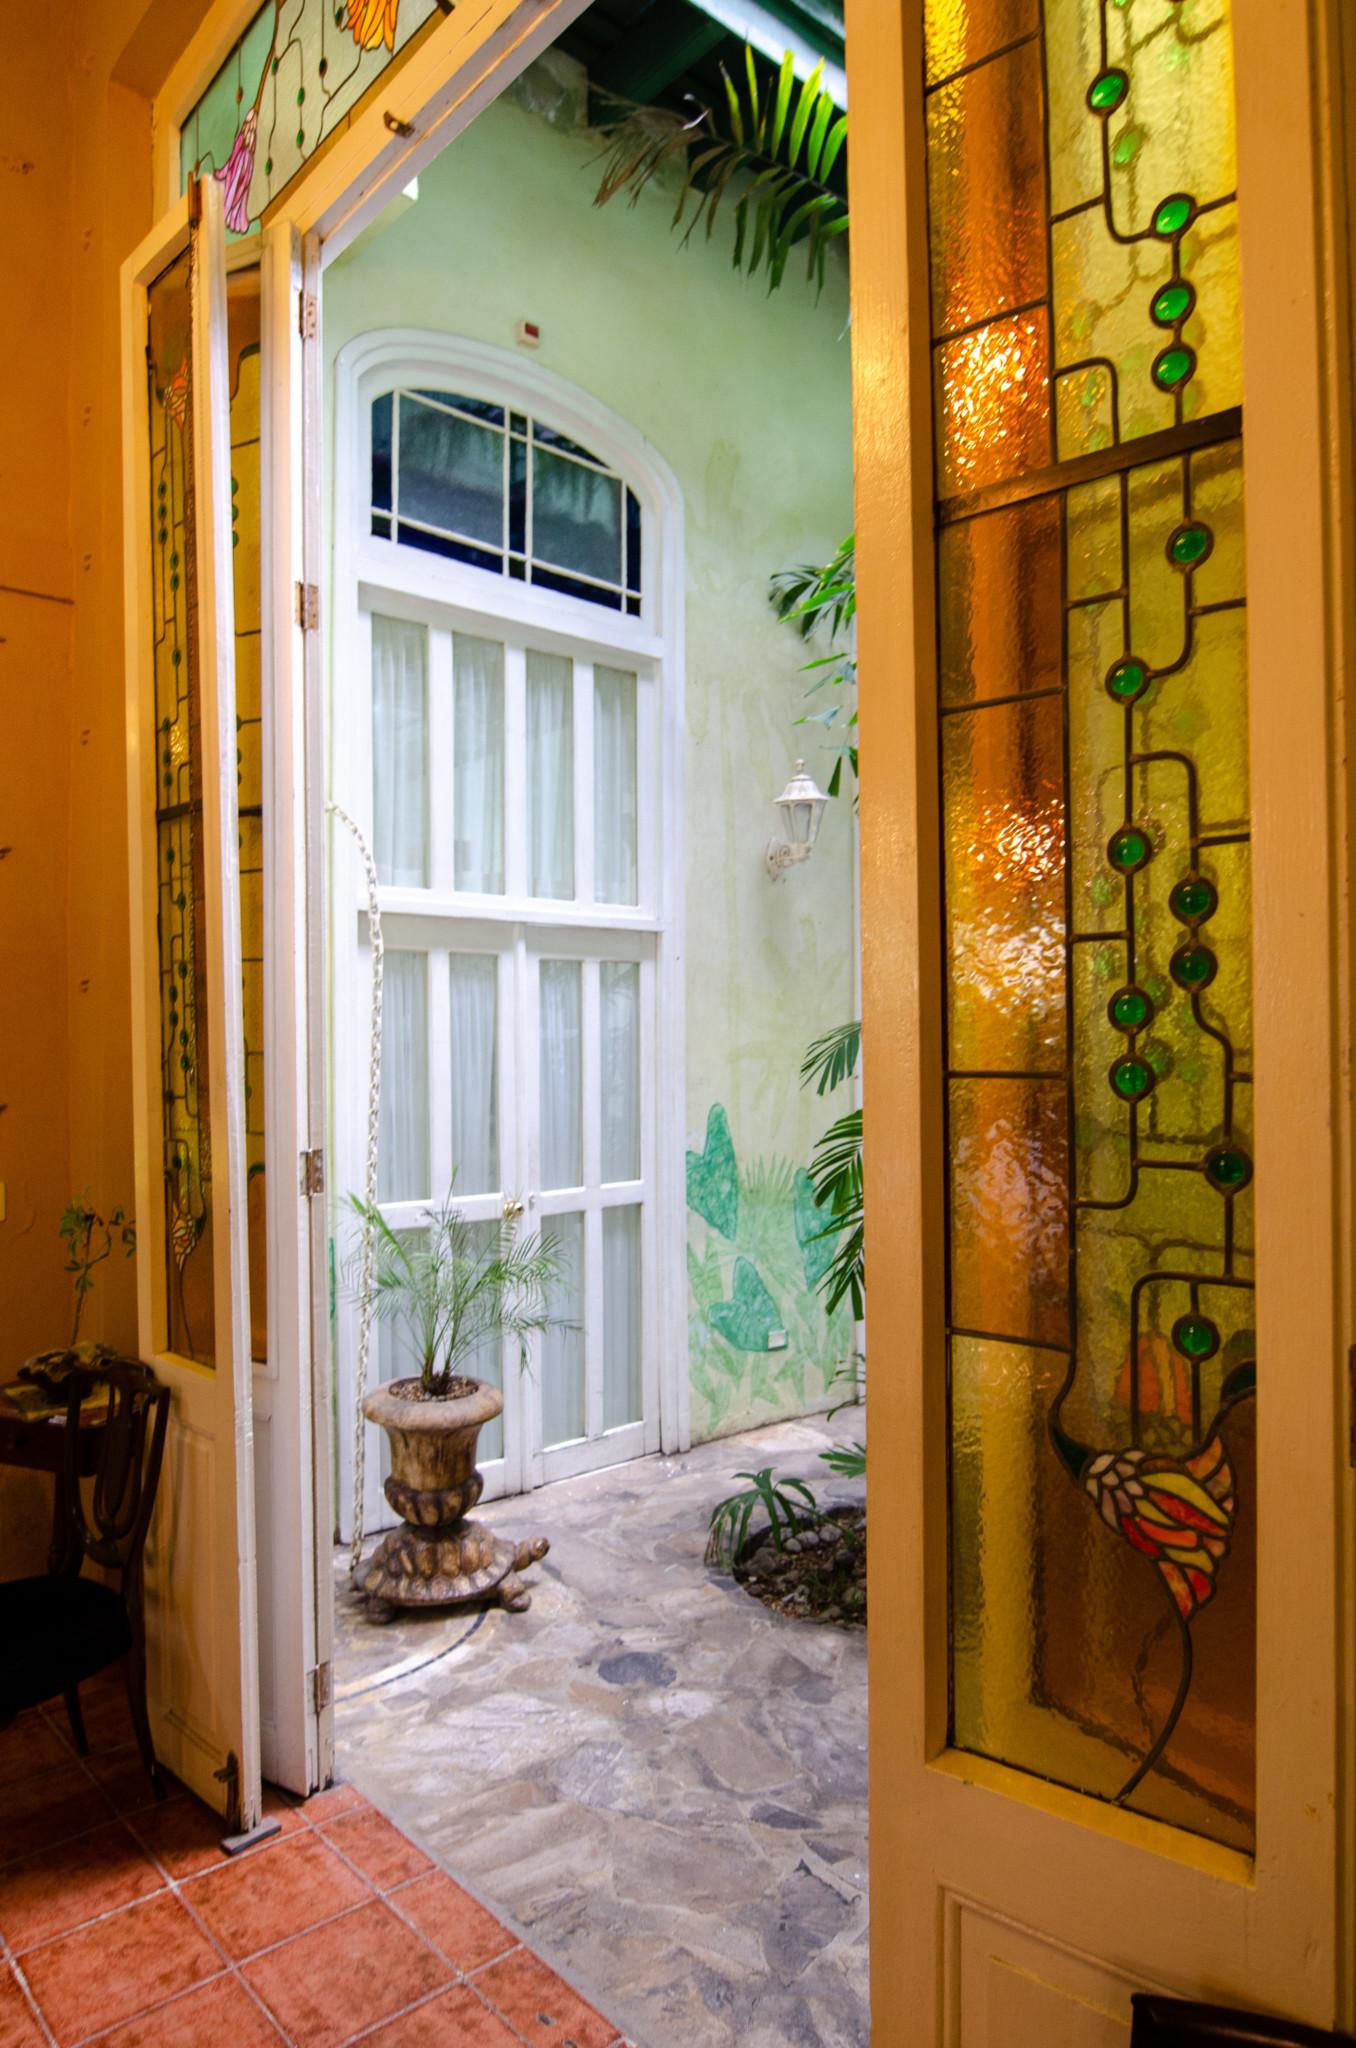 Architektur einer Casa Particular in Kuba